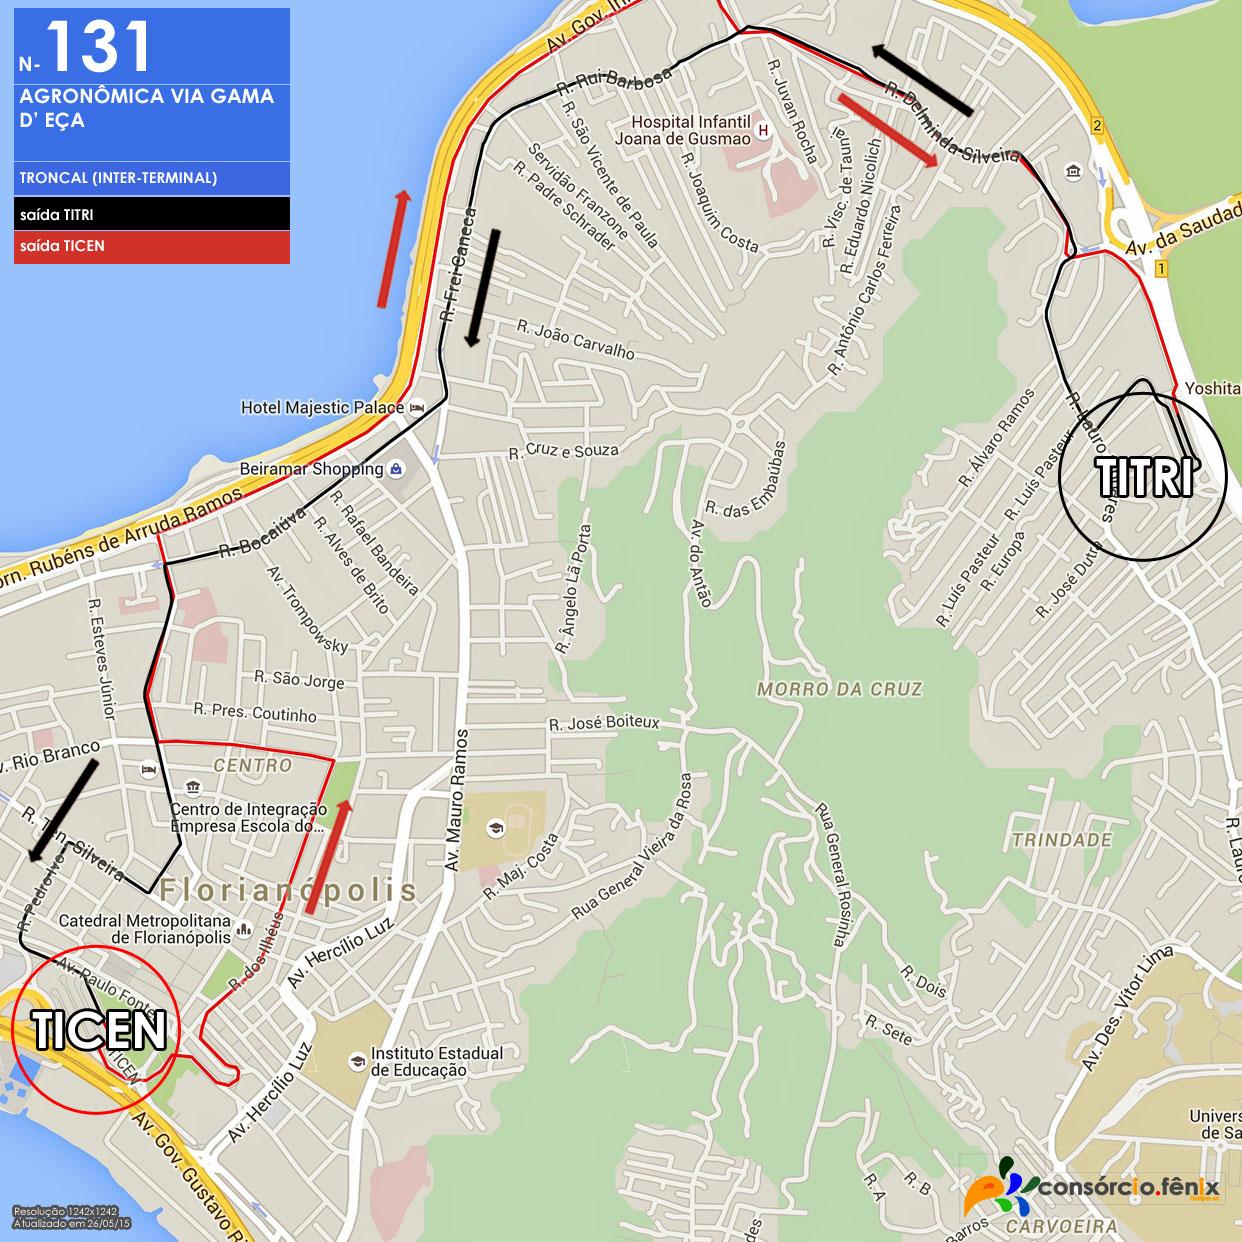 Horario de Onibus TITRI - TICEN via Gama D'Eça